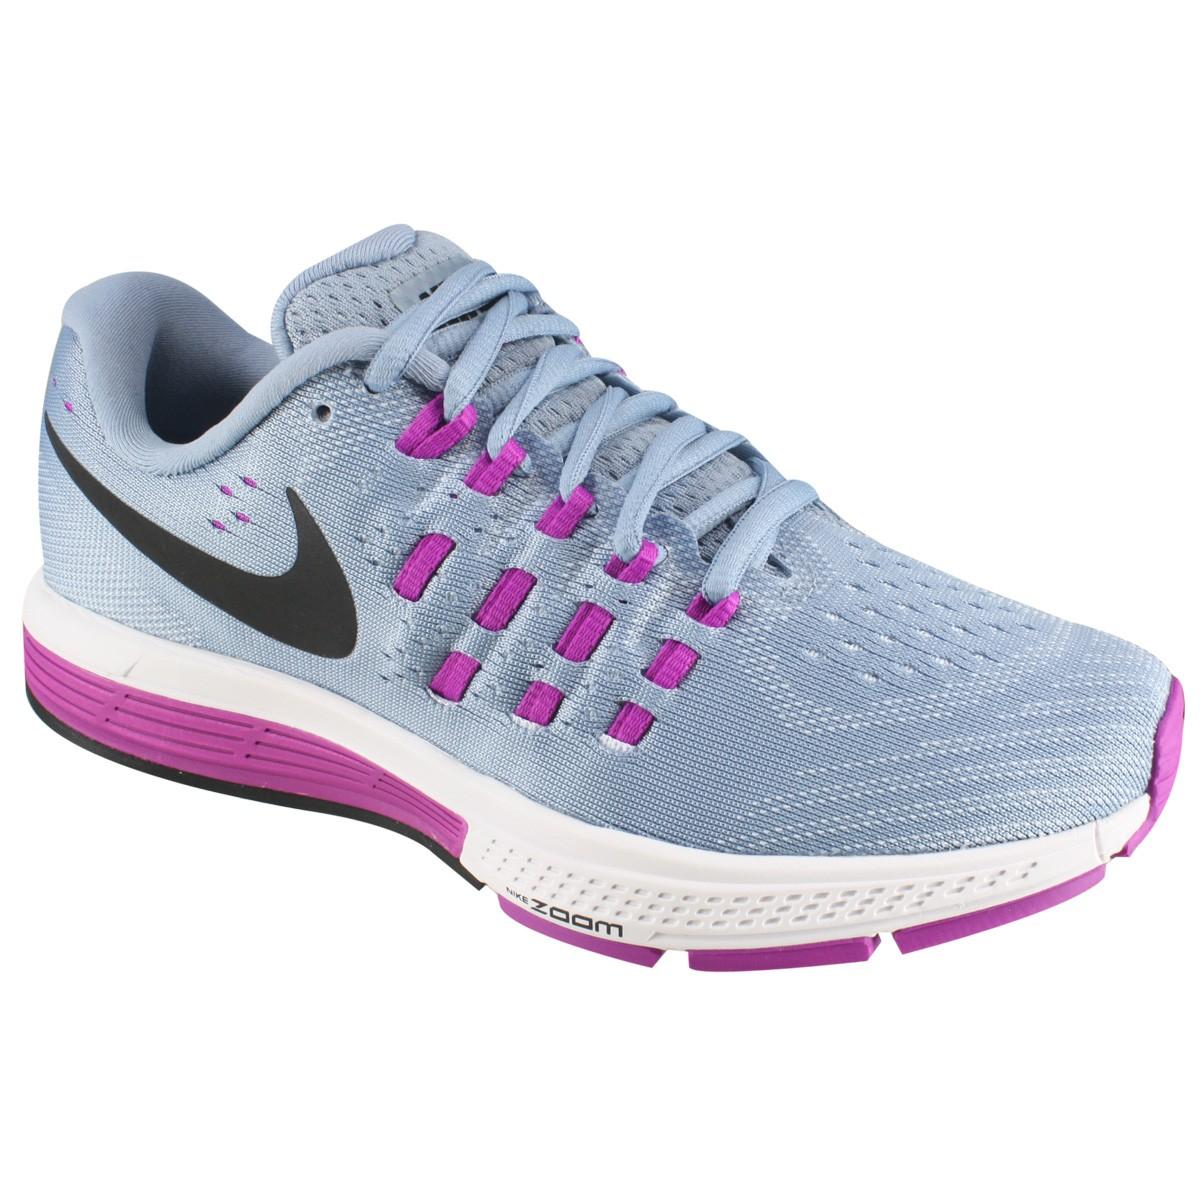 60244f045f Tênis Nike Air Zoom Vomero 11 818100-405 - Grafite Roxo - Calçados ...